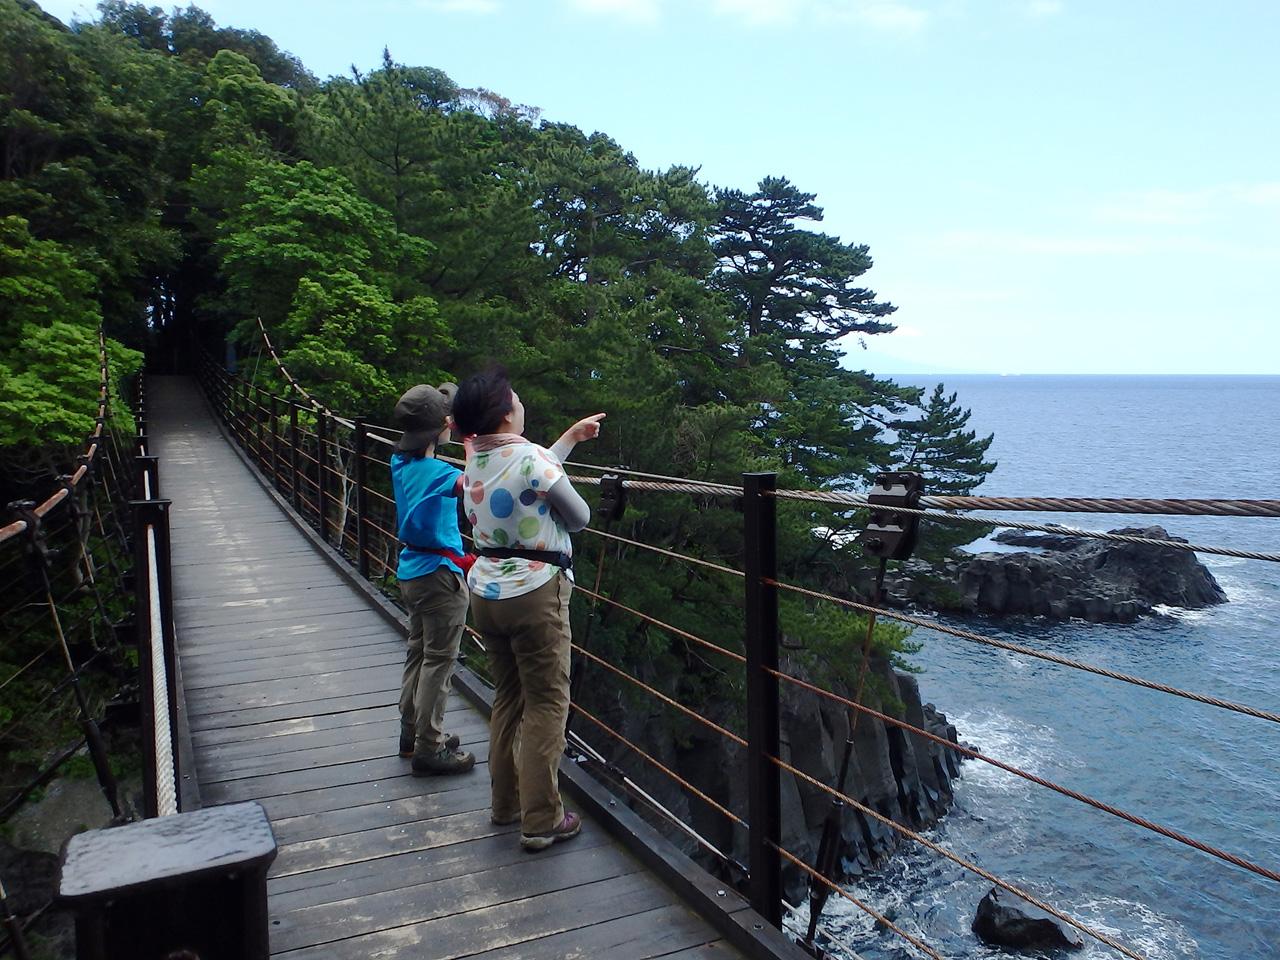 【伊豆高原】スリル満点!断崖絶壁に架かる吊り橋・城ケ崎海岸ジオウォーキング